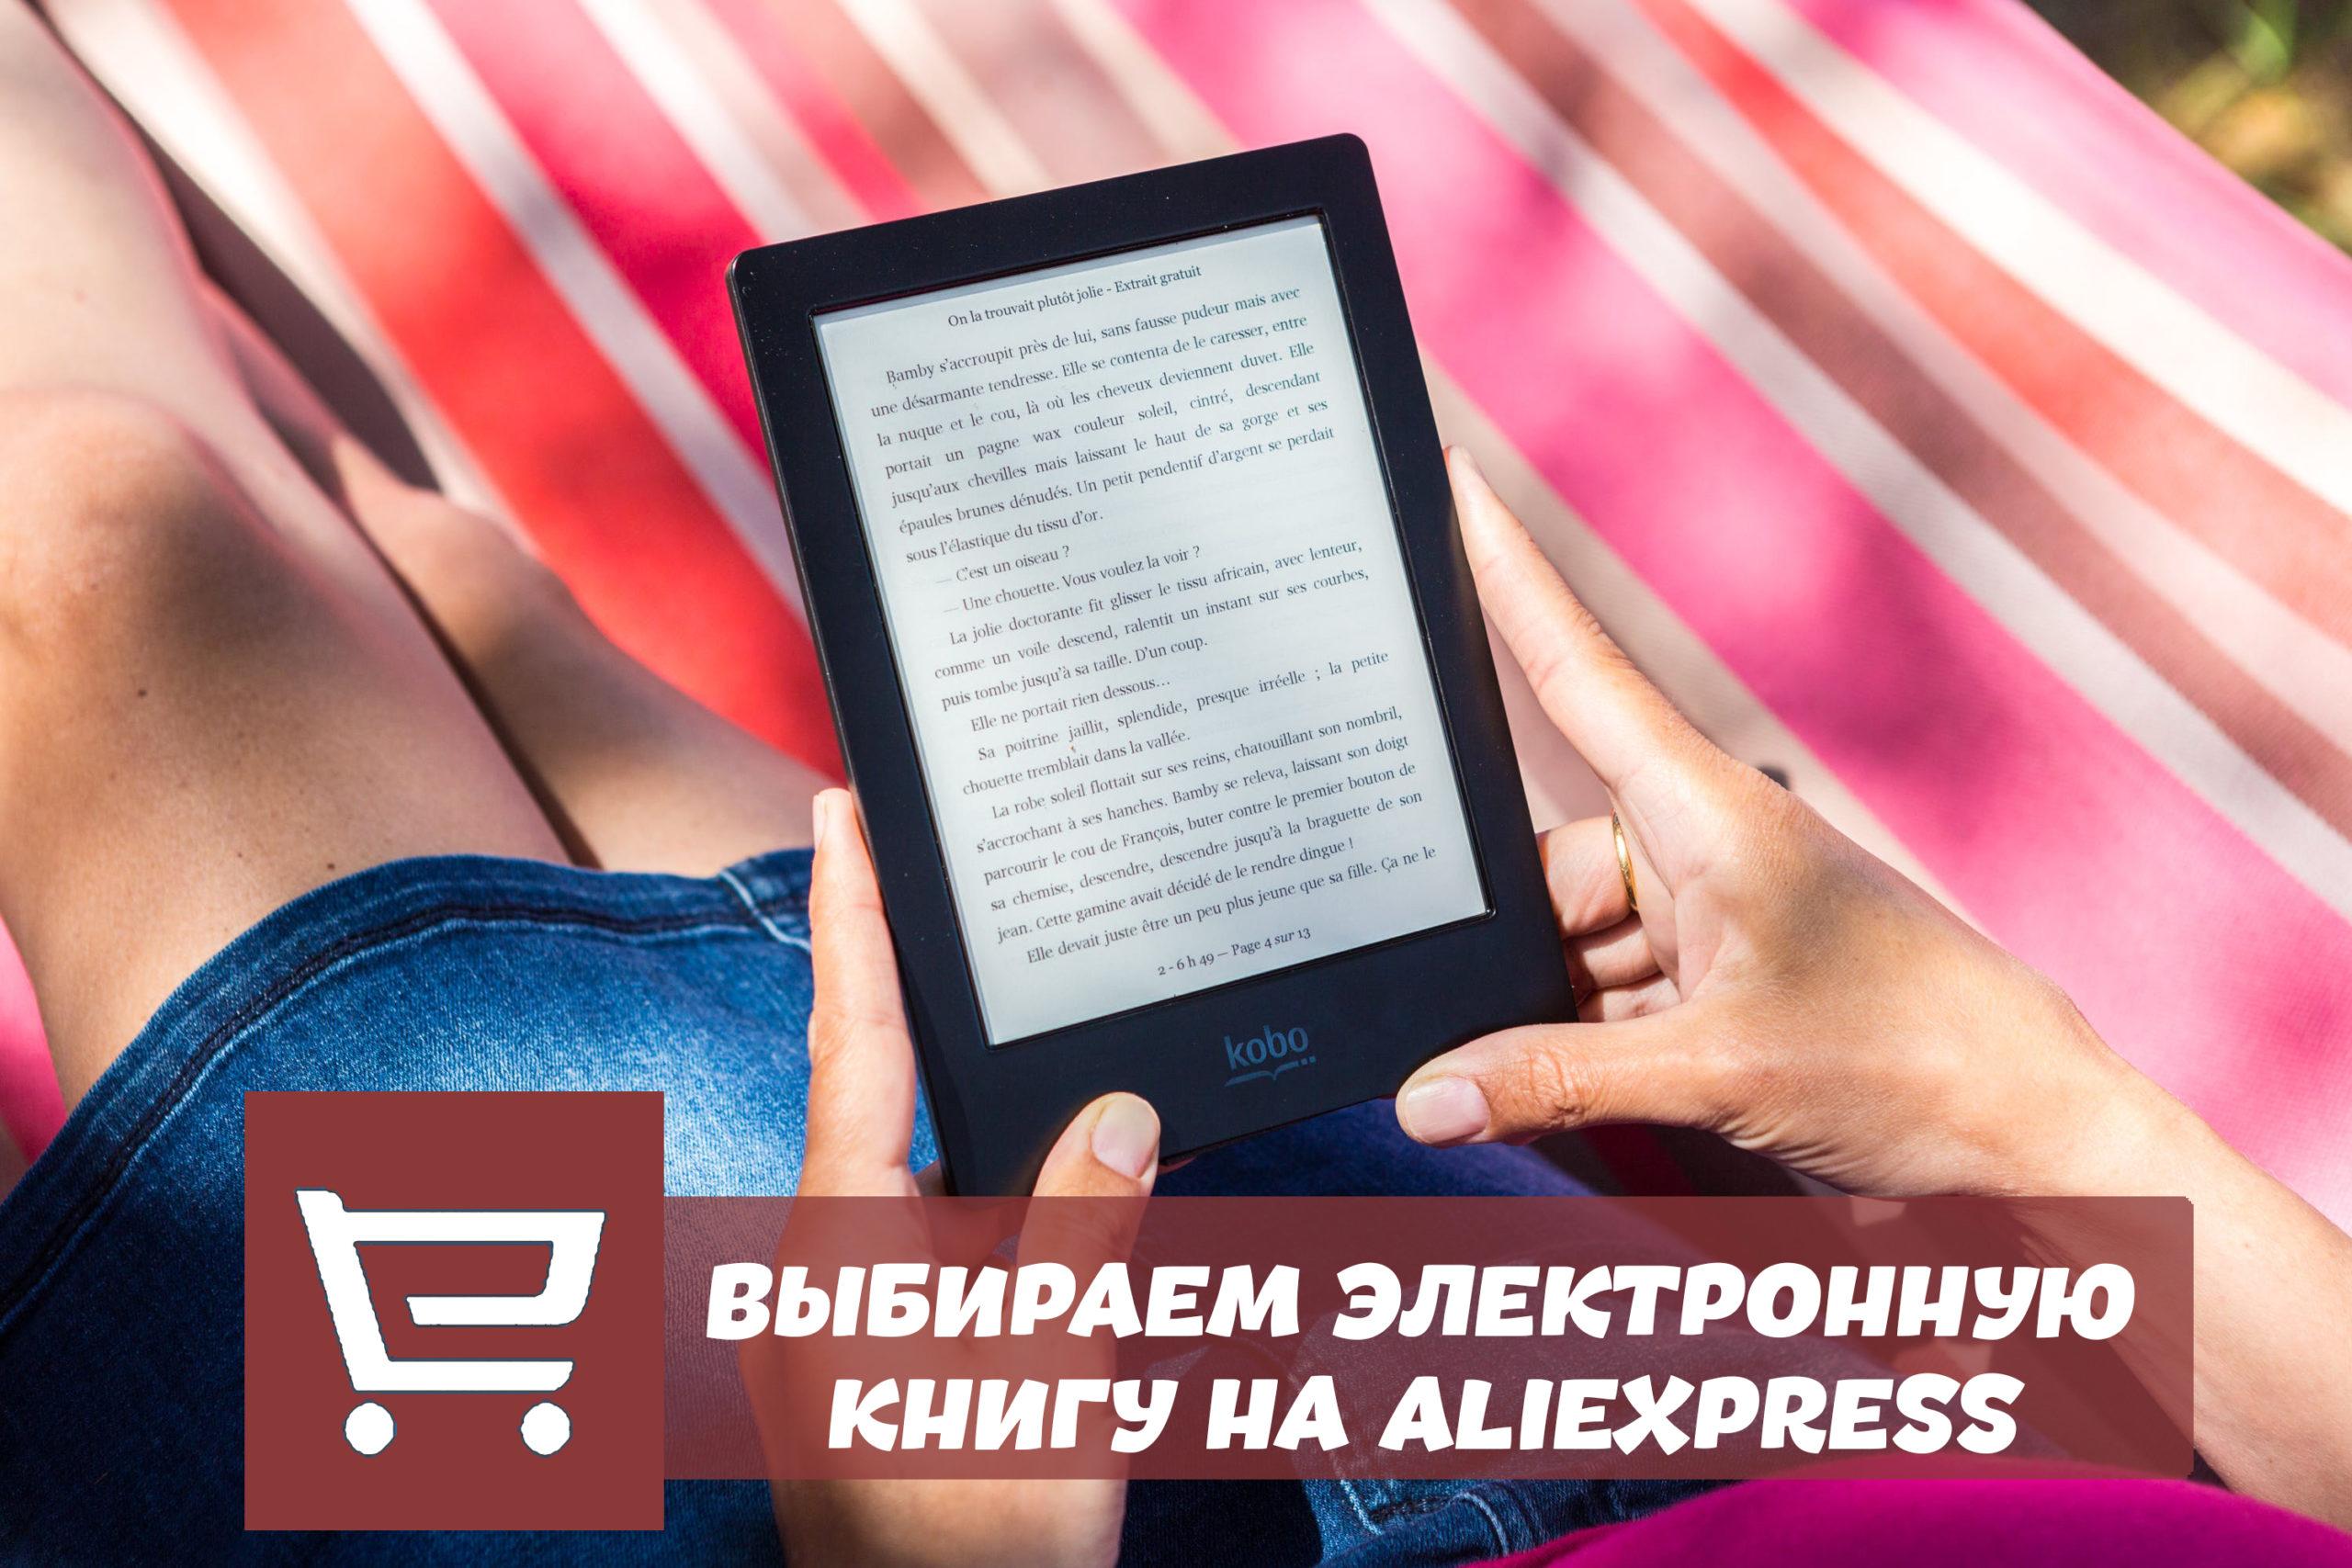 Выбираем электронную книгу на Алиэкспресс